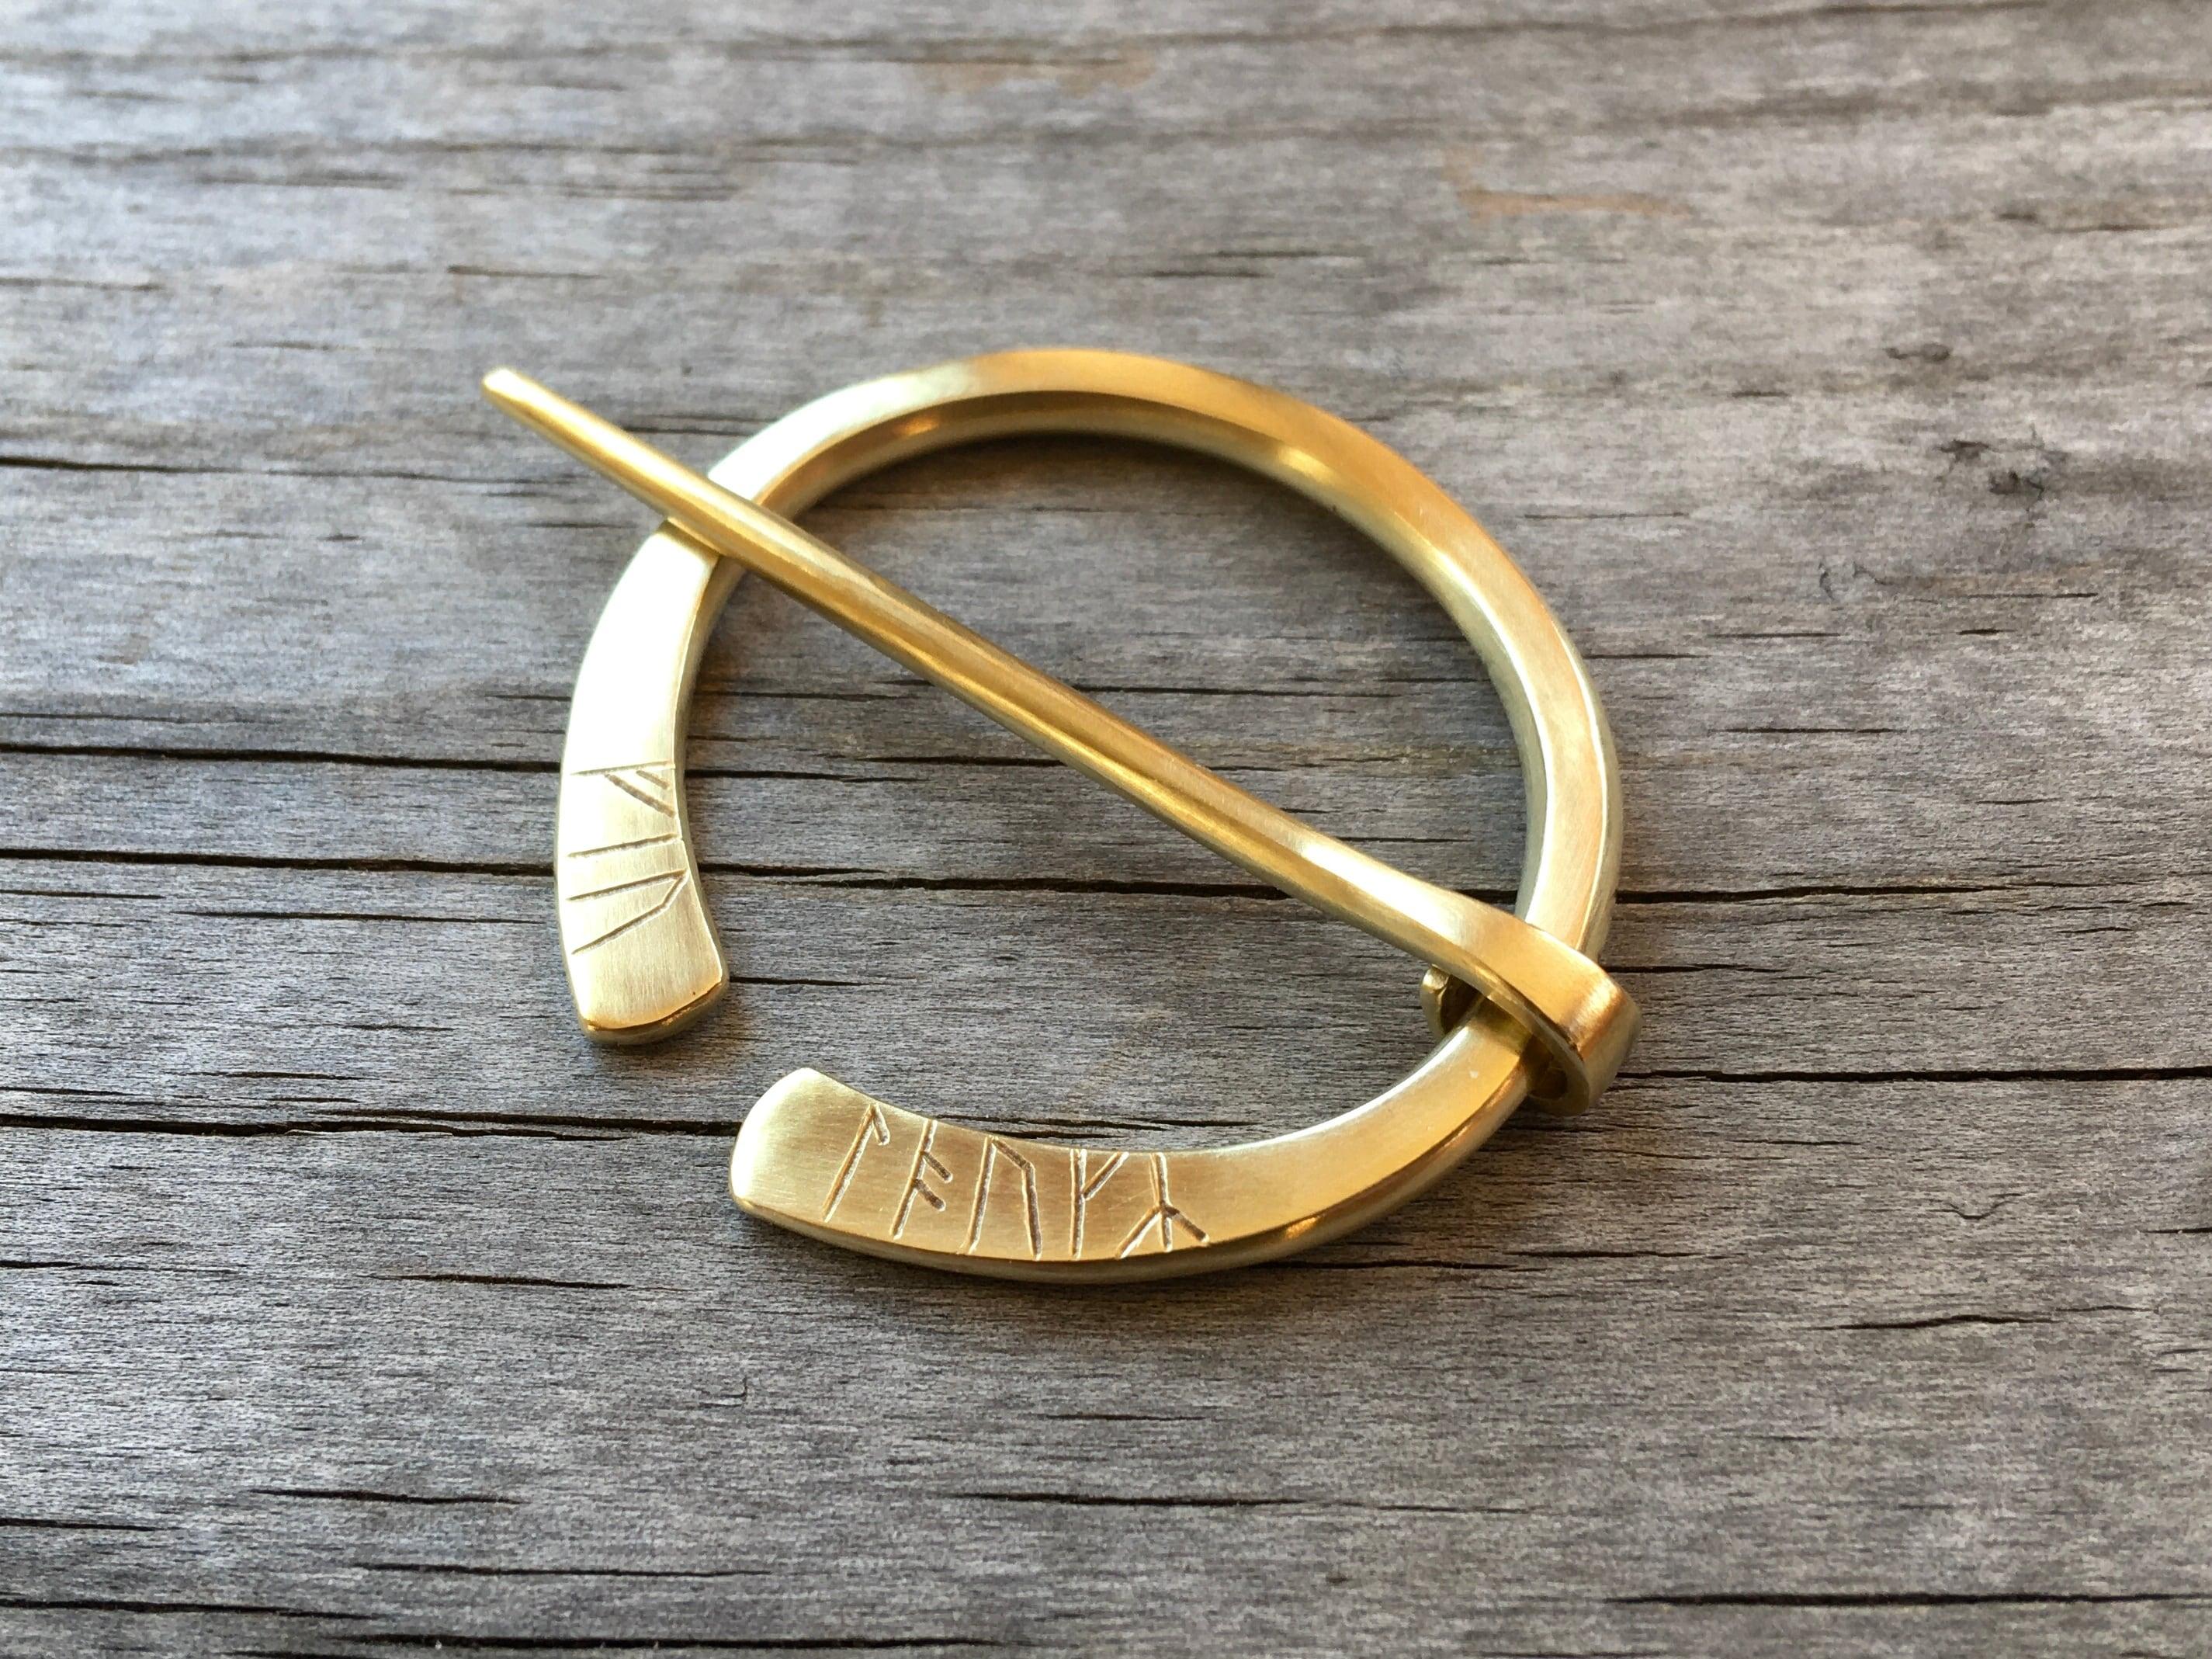 ルーン彫刻ピンブローチ[真鍮/磨き仕上げ]